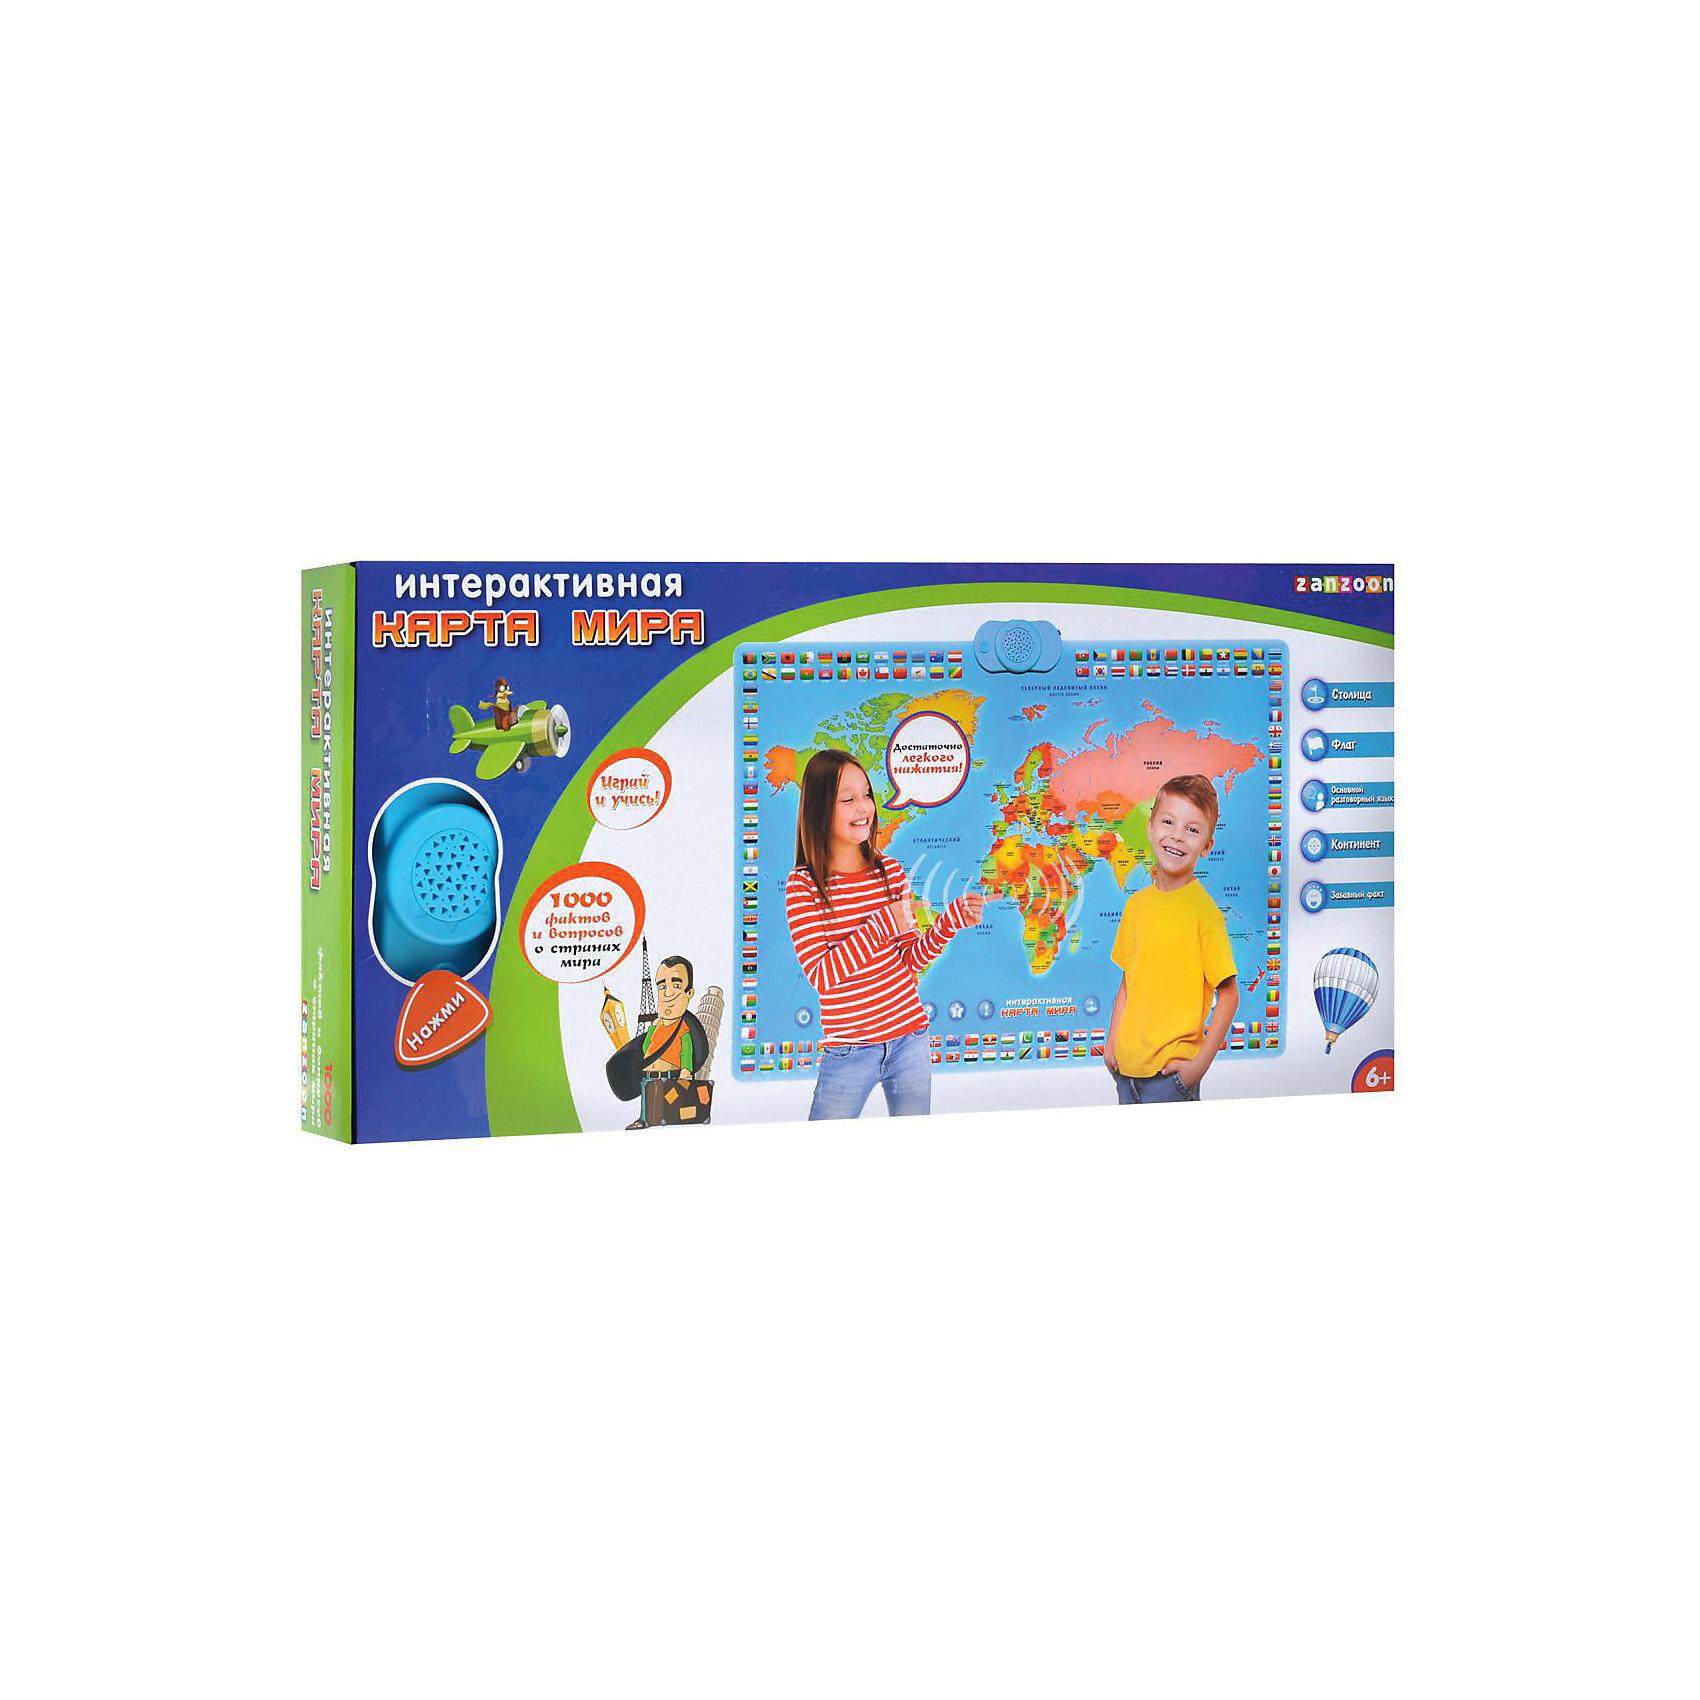 Карта мира интерактивная, ZanZoonОбучающие плакаты и планшеты<br>Интерактивная карта мира, ZanZoon - увлекательная обучающая игра, которая в игровой форме познакомит Вашего ребенка с основами географии, различными странами и континентами. В процессе игры ребенок узнает особенности 78 разных стран, факты о них, их столицы. Карта познакомит его с континентами и некоторыми интересными фактами истории. Полученные знания он сможет закрепить, отвечая на вопросы викторины, после каждого правильно угаданного ответа раздаётся приятная поздравительная мелодия. <br><br>Также Карта мира включает три мини-игры: 1. в викторине  нужно найти страну на карте, 2. в супер-игре ребёнку задаются вопросы о странах, их столицах, основных  языках, 3. в блиц- игре два ребёнка соревнуются в наборе очков за свои знания. Карта хорошо работает как на стене, так и на горизонтальном покрытии. Для игры необходимо всего лишь нажать на интерактивную страну на карте.<br><br>Дополнительная информация:<br><br>- Требуются батарейки: 3 х ААА/ LR03 (входят в комплект).<br>- Материал: пластик.<br>- Размер карты: 90 х 60 см. <br>- Размер упаковки:  65 x 30 x 8 см.<br>- Вес: 1 кг.<br><br>Интерактивную карту мира, ZanZoon можно купить в нашем интернет-магазине.<br><br>Ширина мм: 650<br>Глубина мм: 75<br>Высота мм: 300<br>Вес г: 1033<br>Возраст от месяцев: 60<br>Возраст до месяцев: 168<br>Пол: Унисекс<br>Возраст: Детский<br>SKU: 3813020